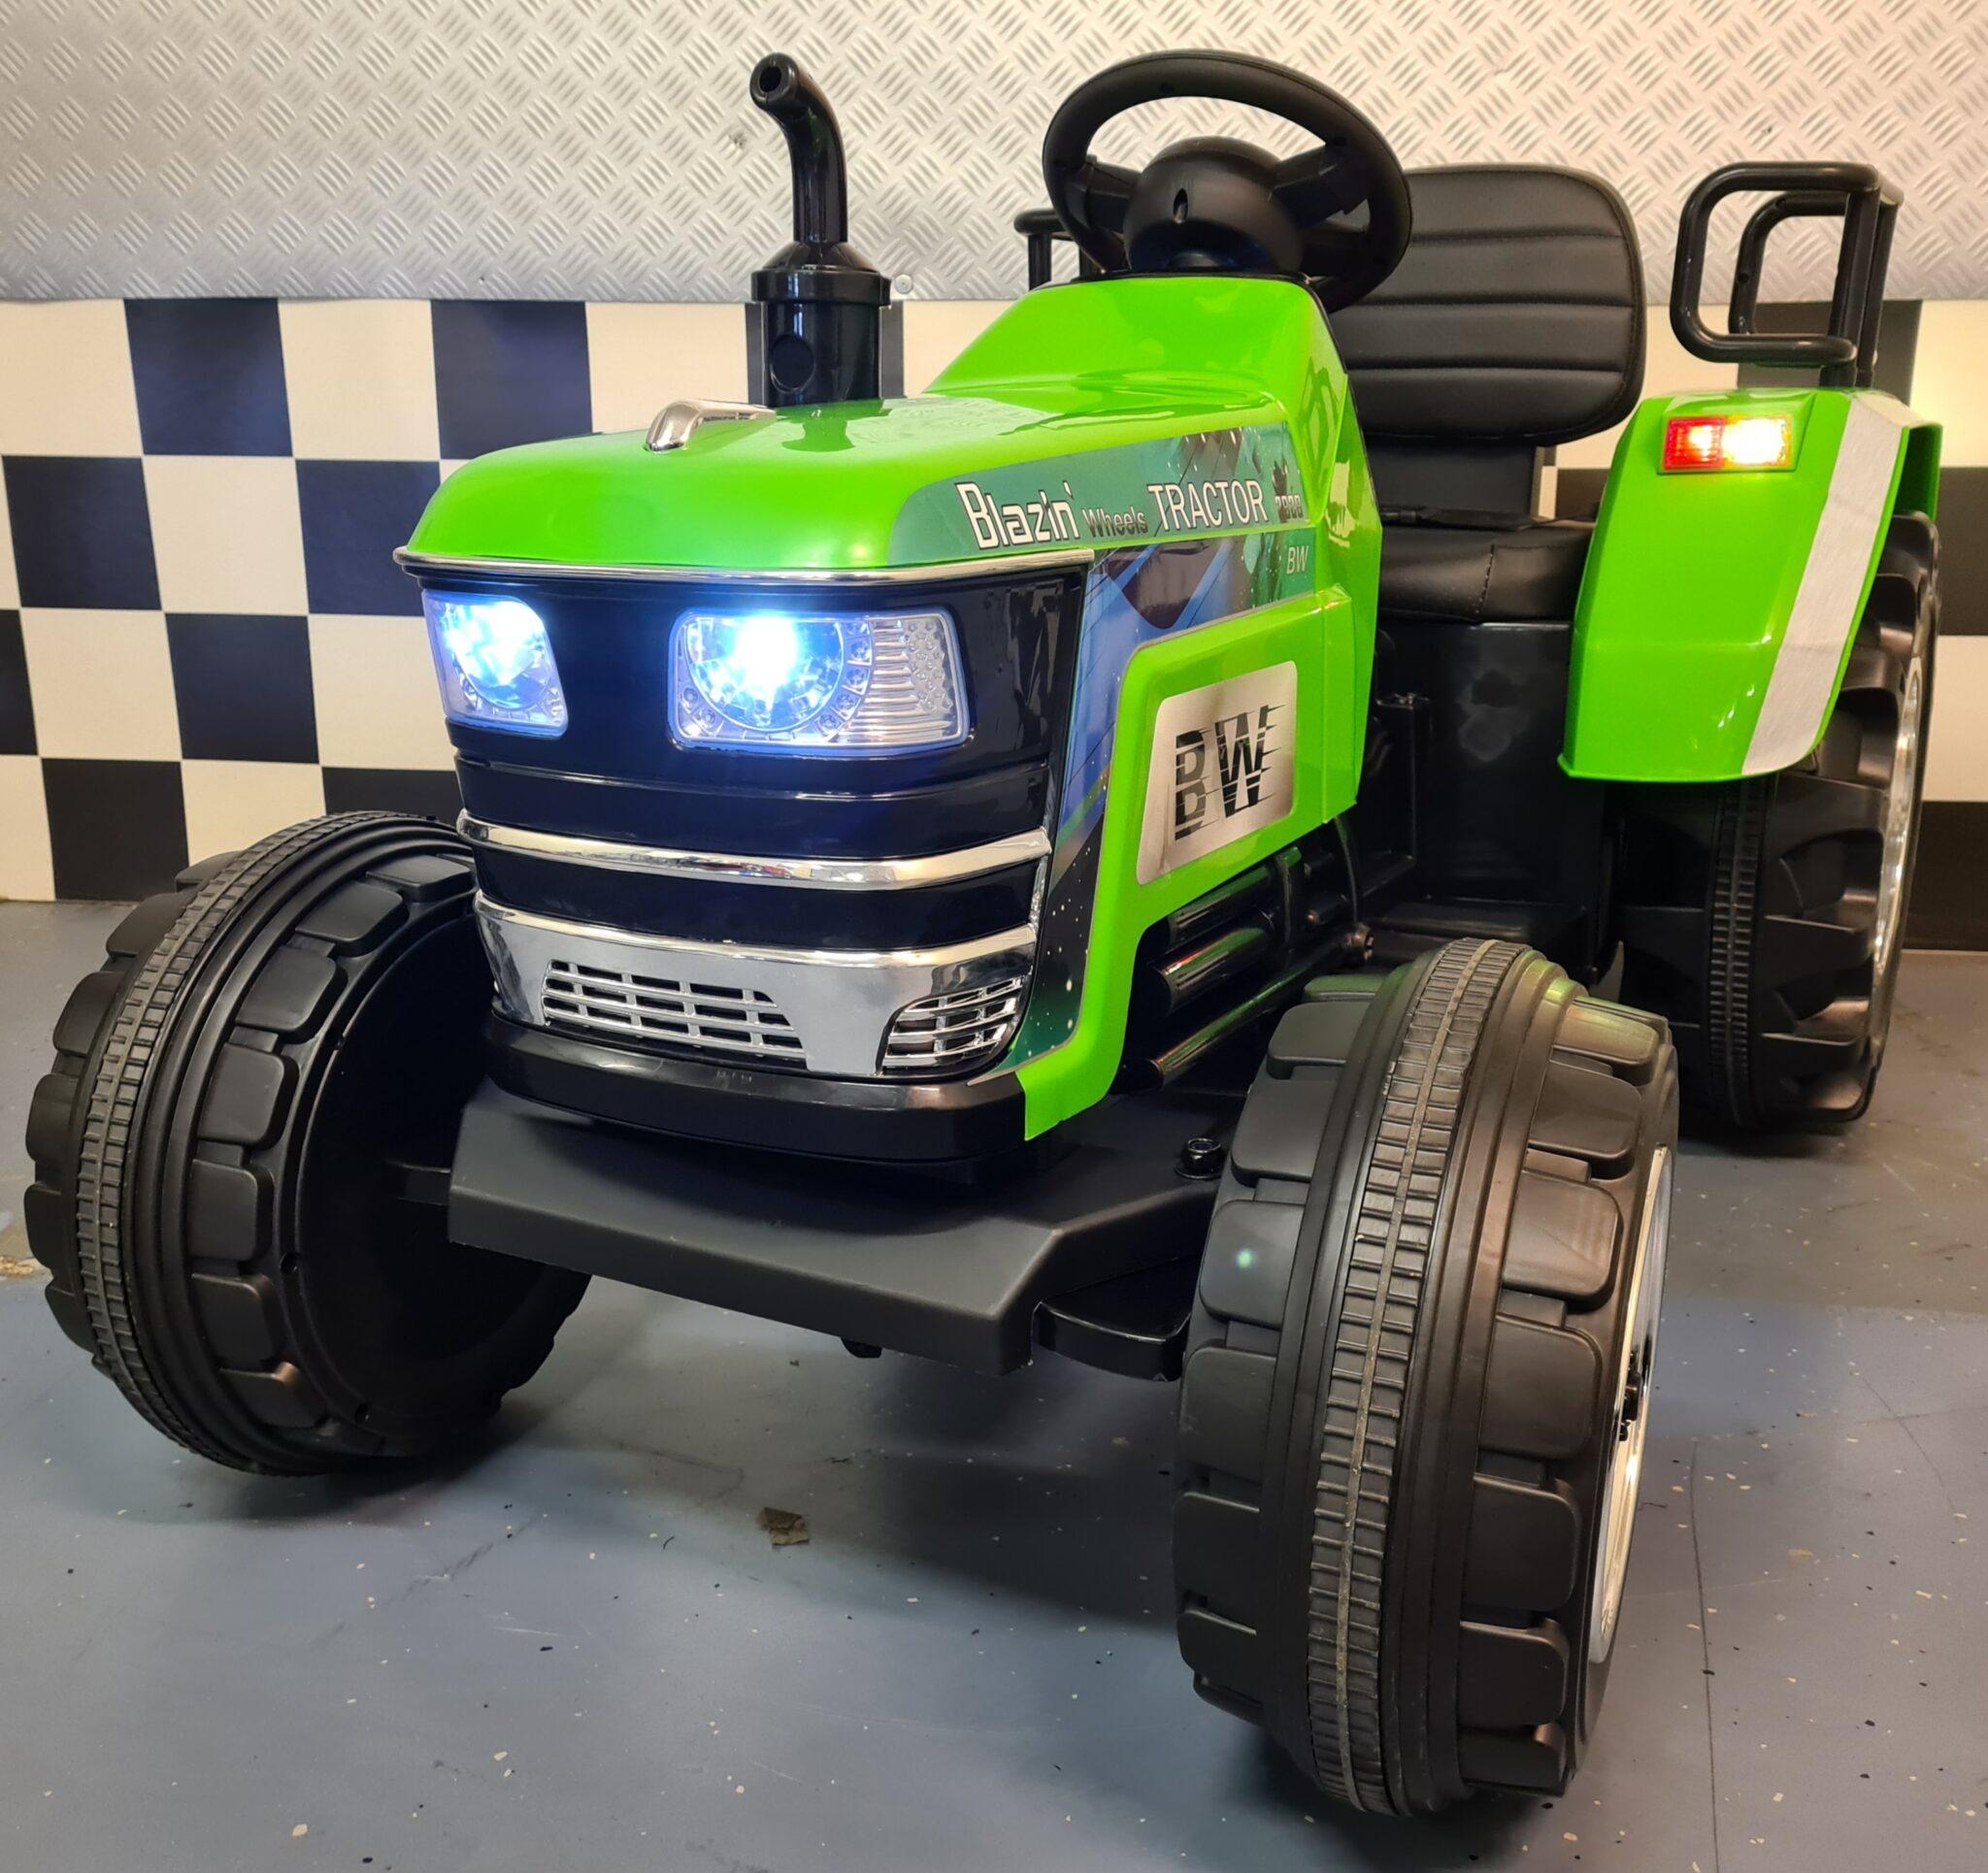 Kindertractor XXL 12 volt met 2.4G afstandsbediening groen